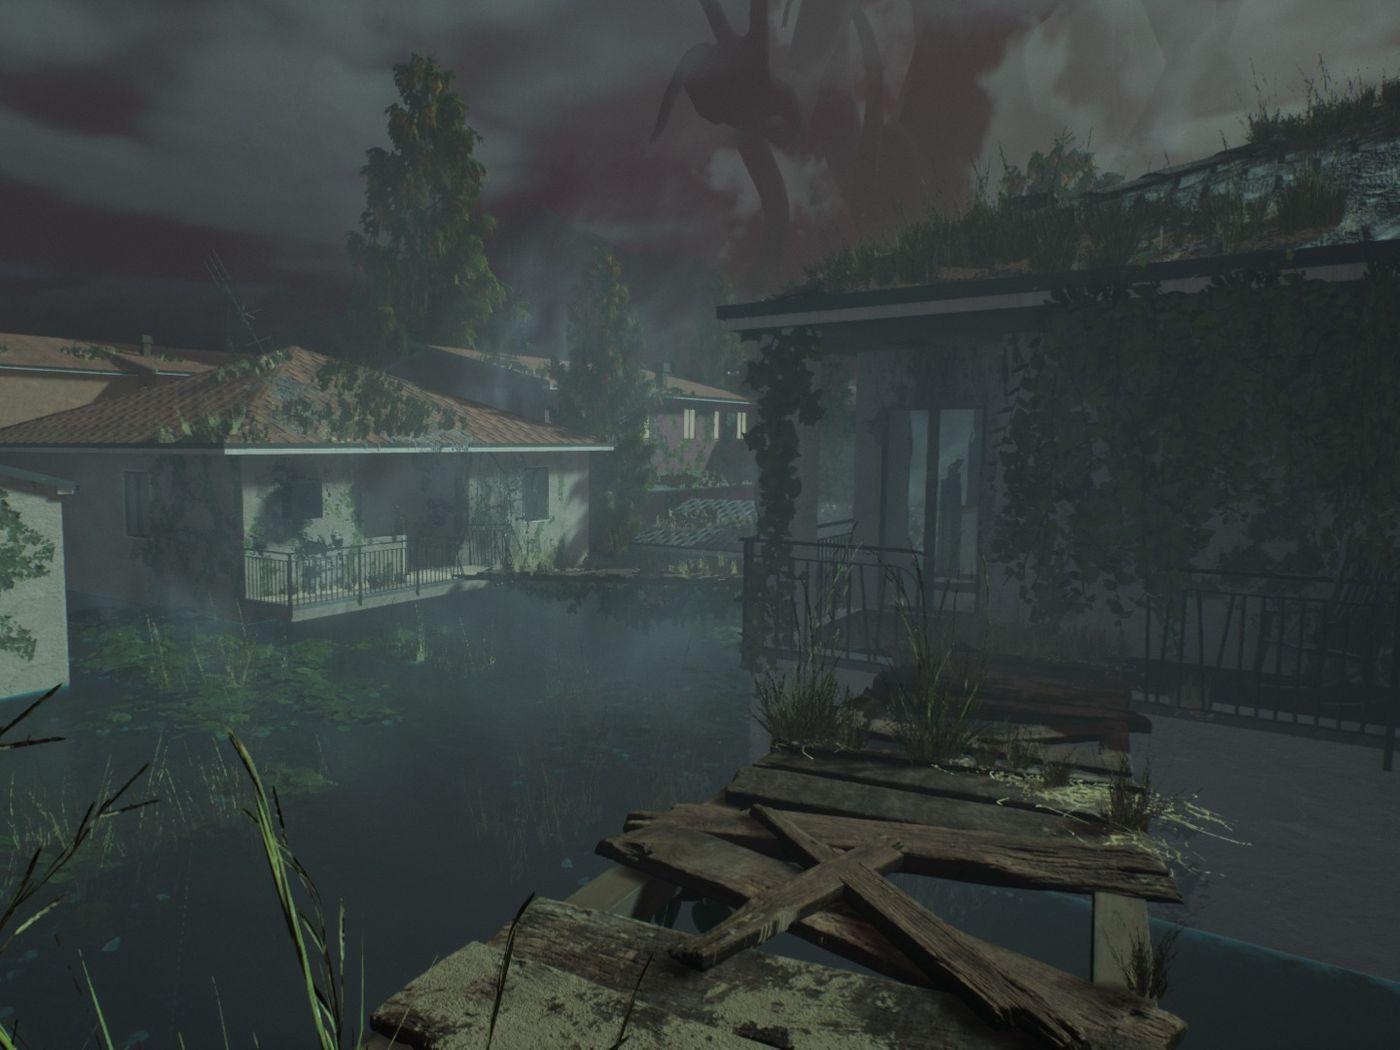 Apocalyps in Melzo